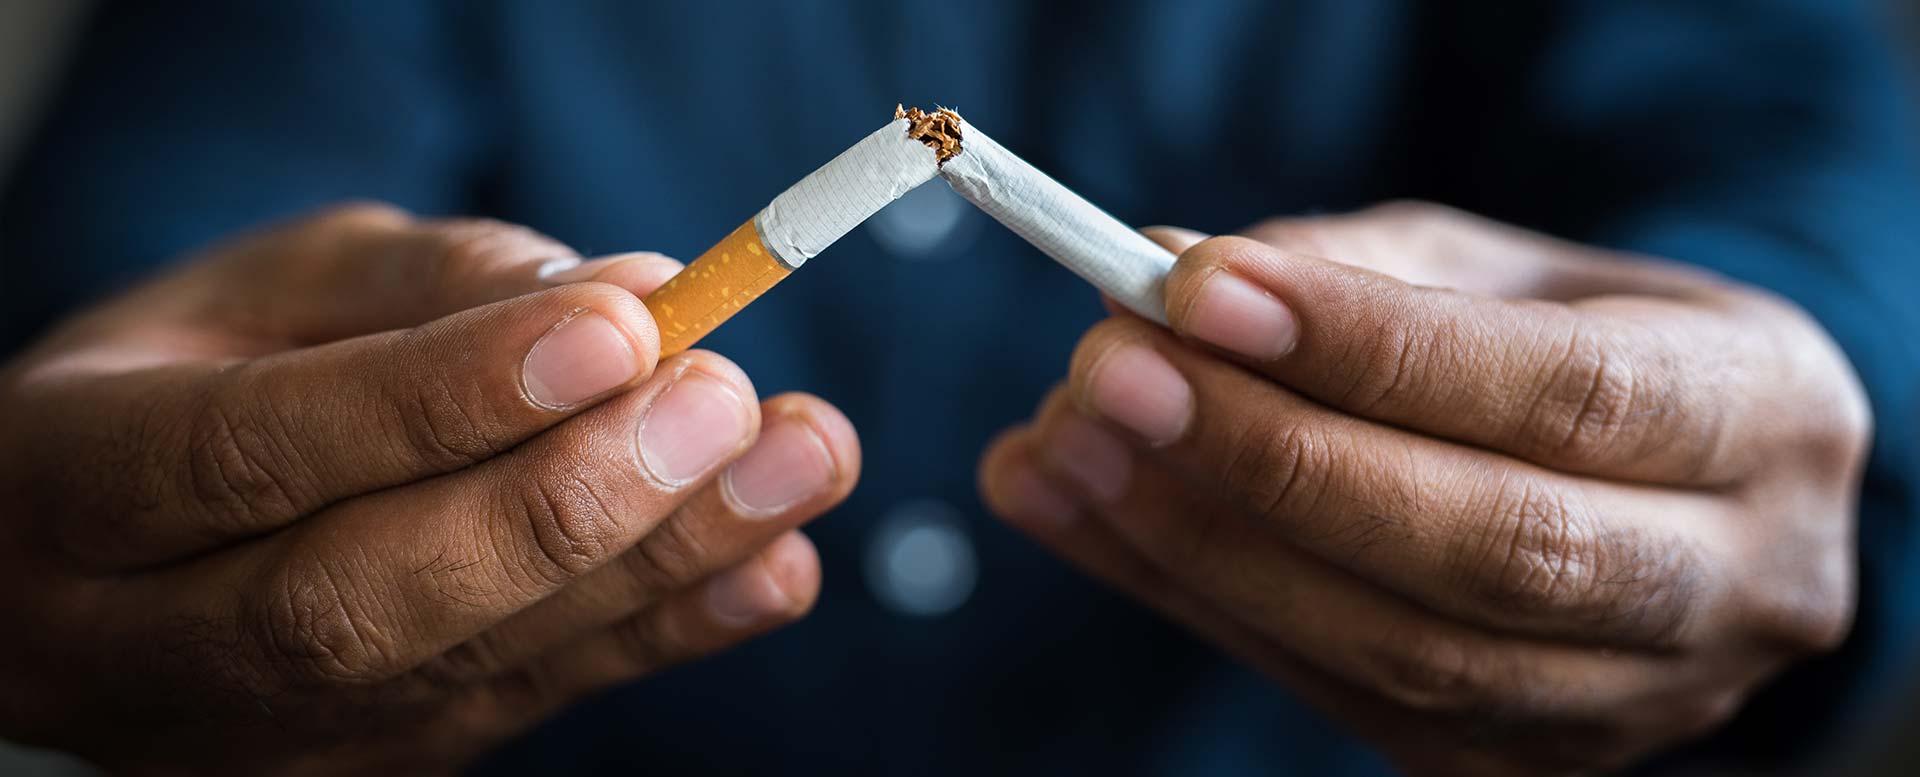 Erbrechen nach rauchen aufhoren